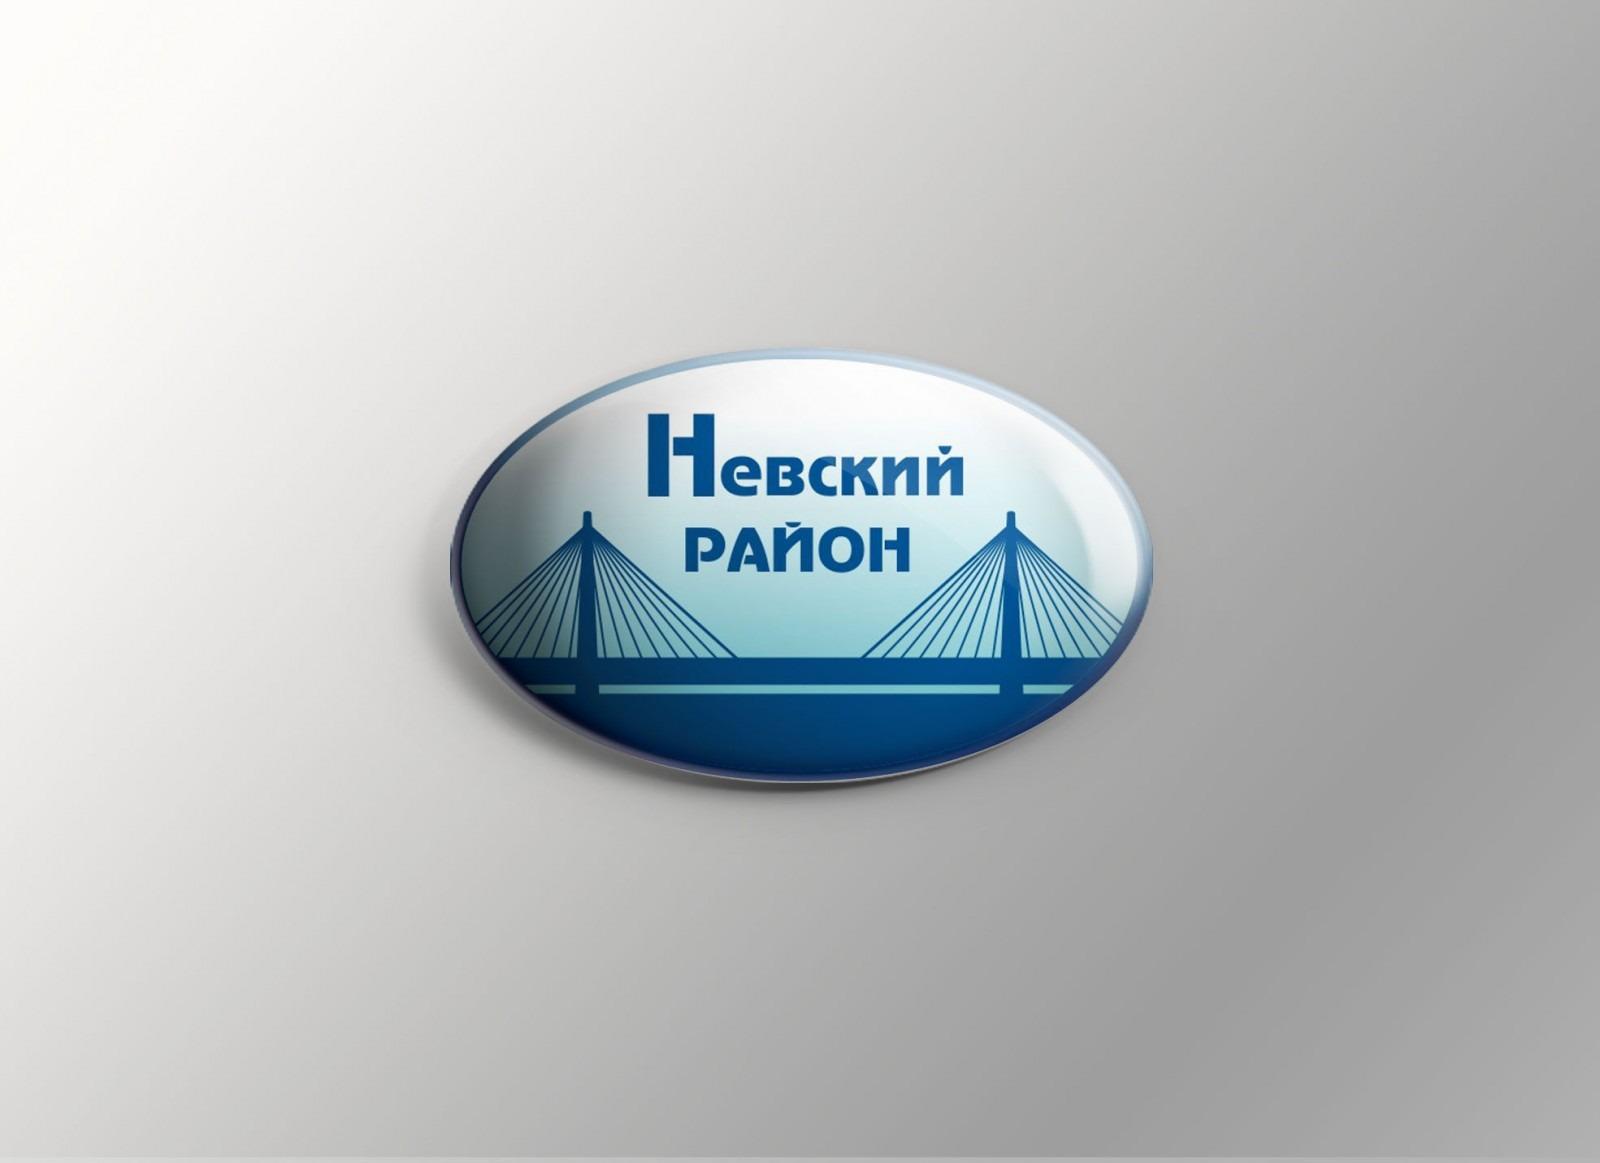 эмблема невского района 01